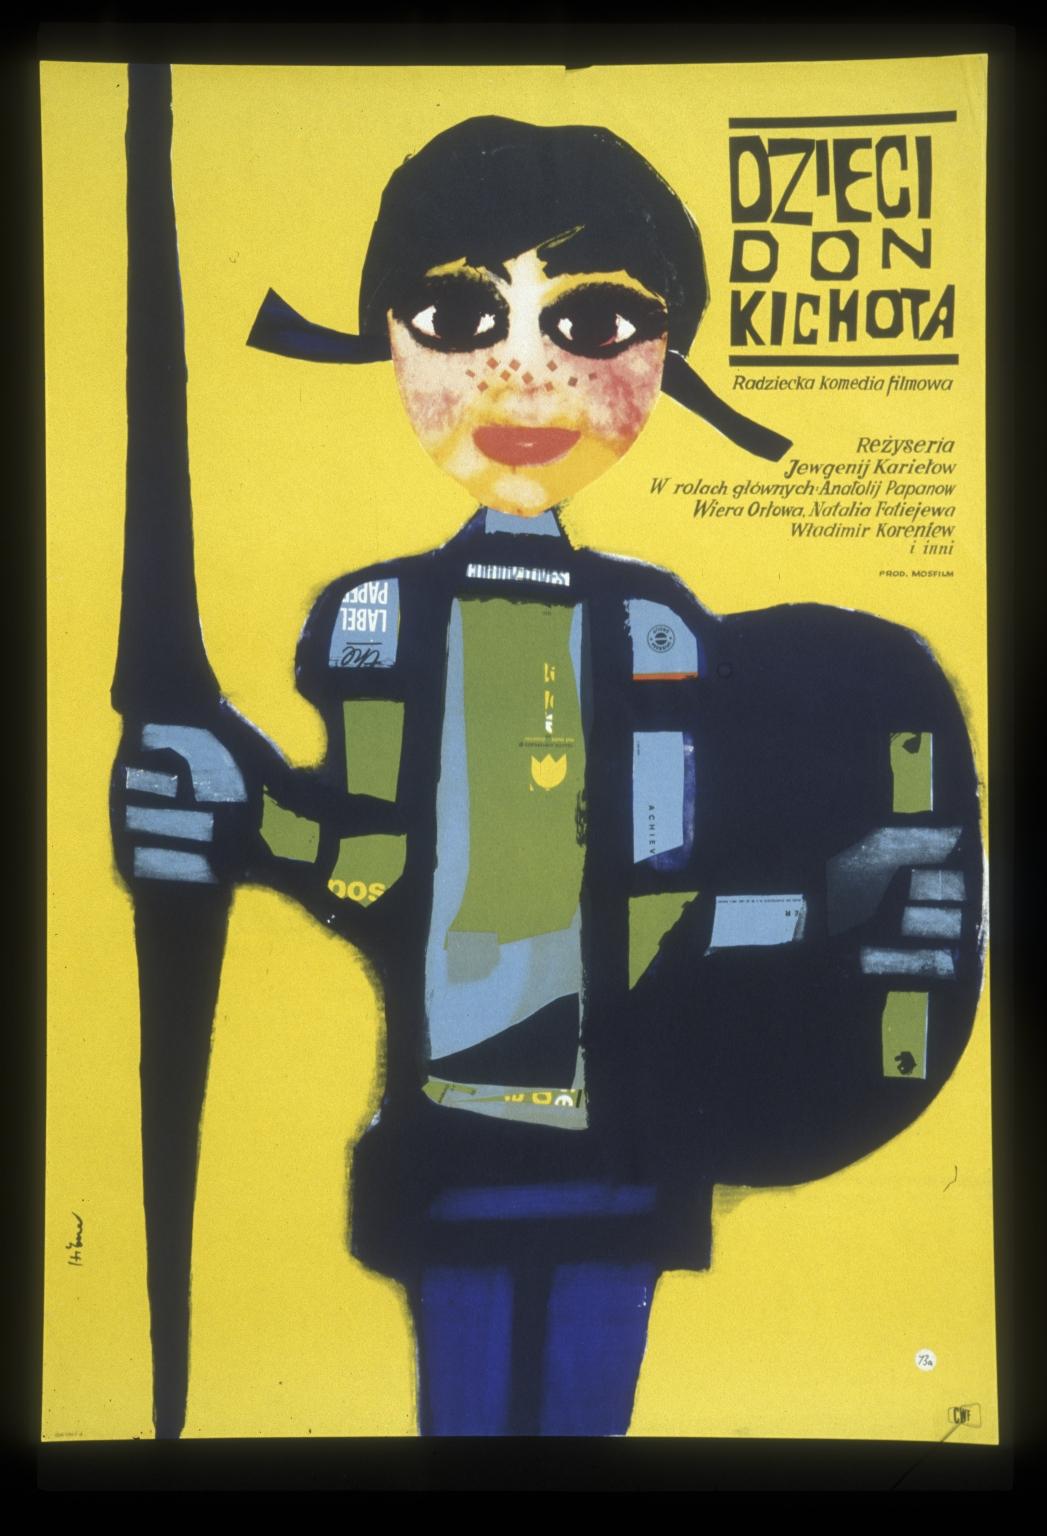 Dzieci don Kichota